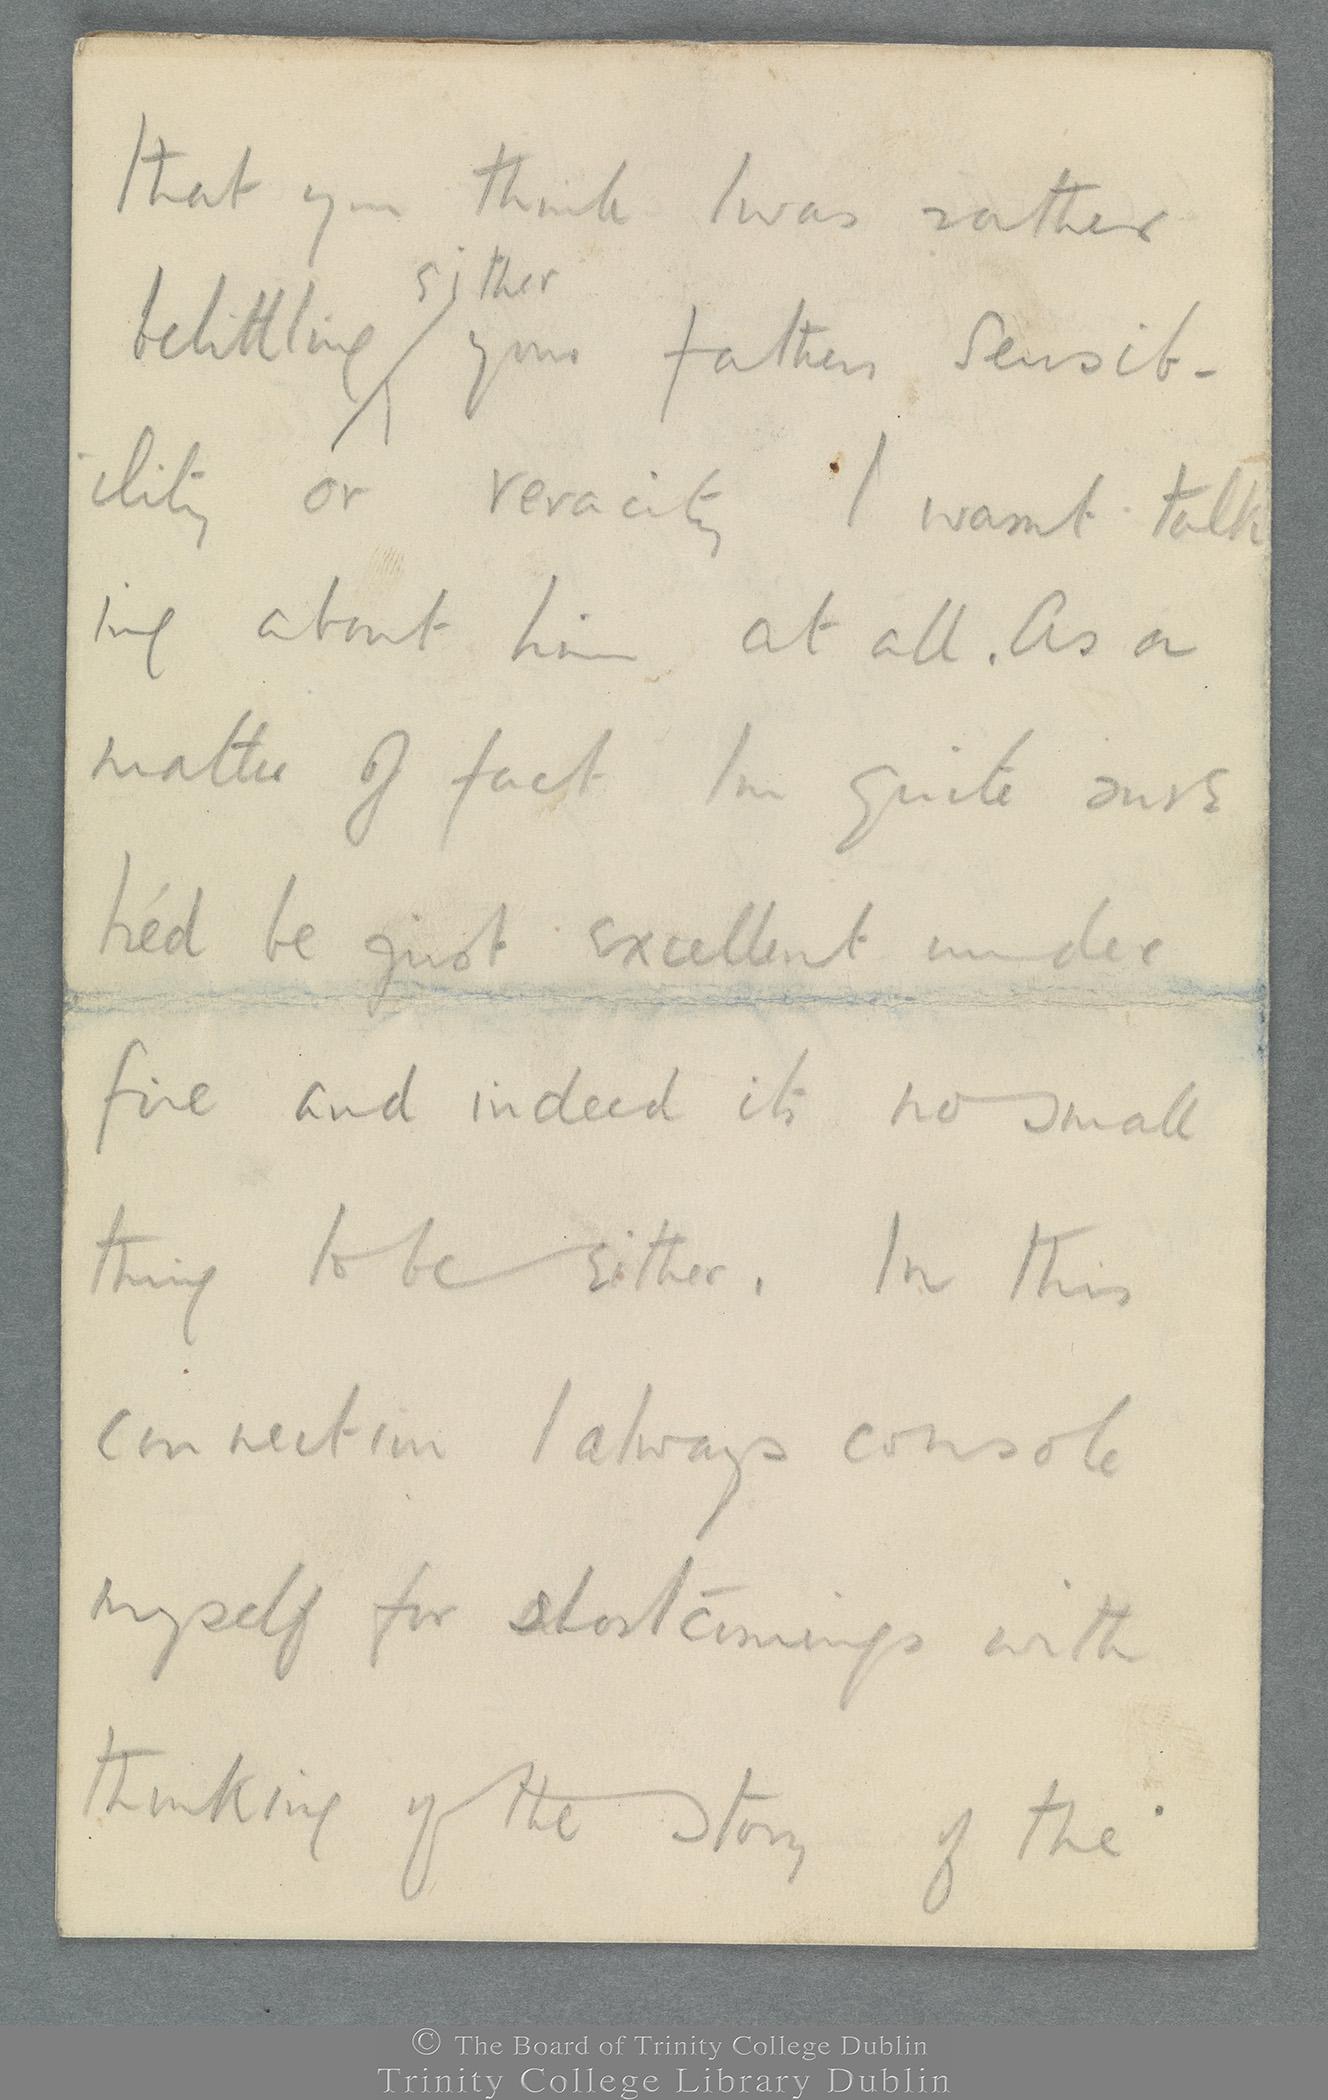 TCD MS 11274/6 folio 2 verso